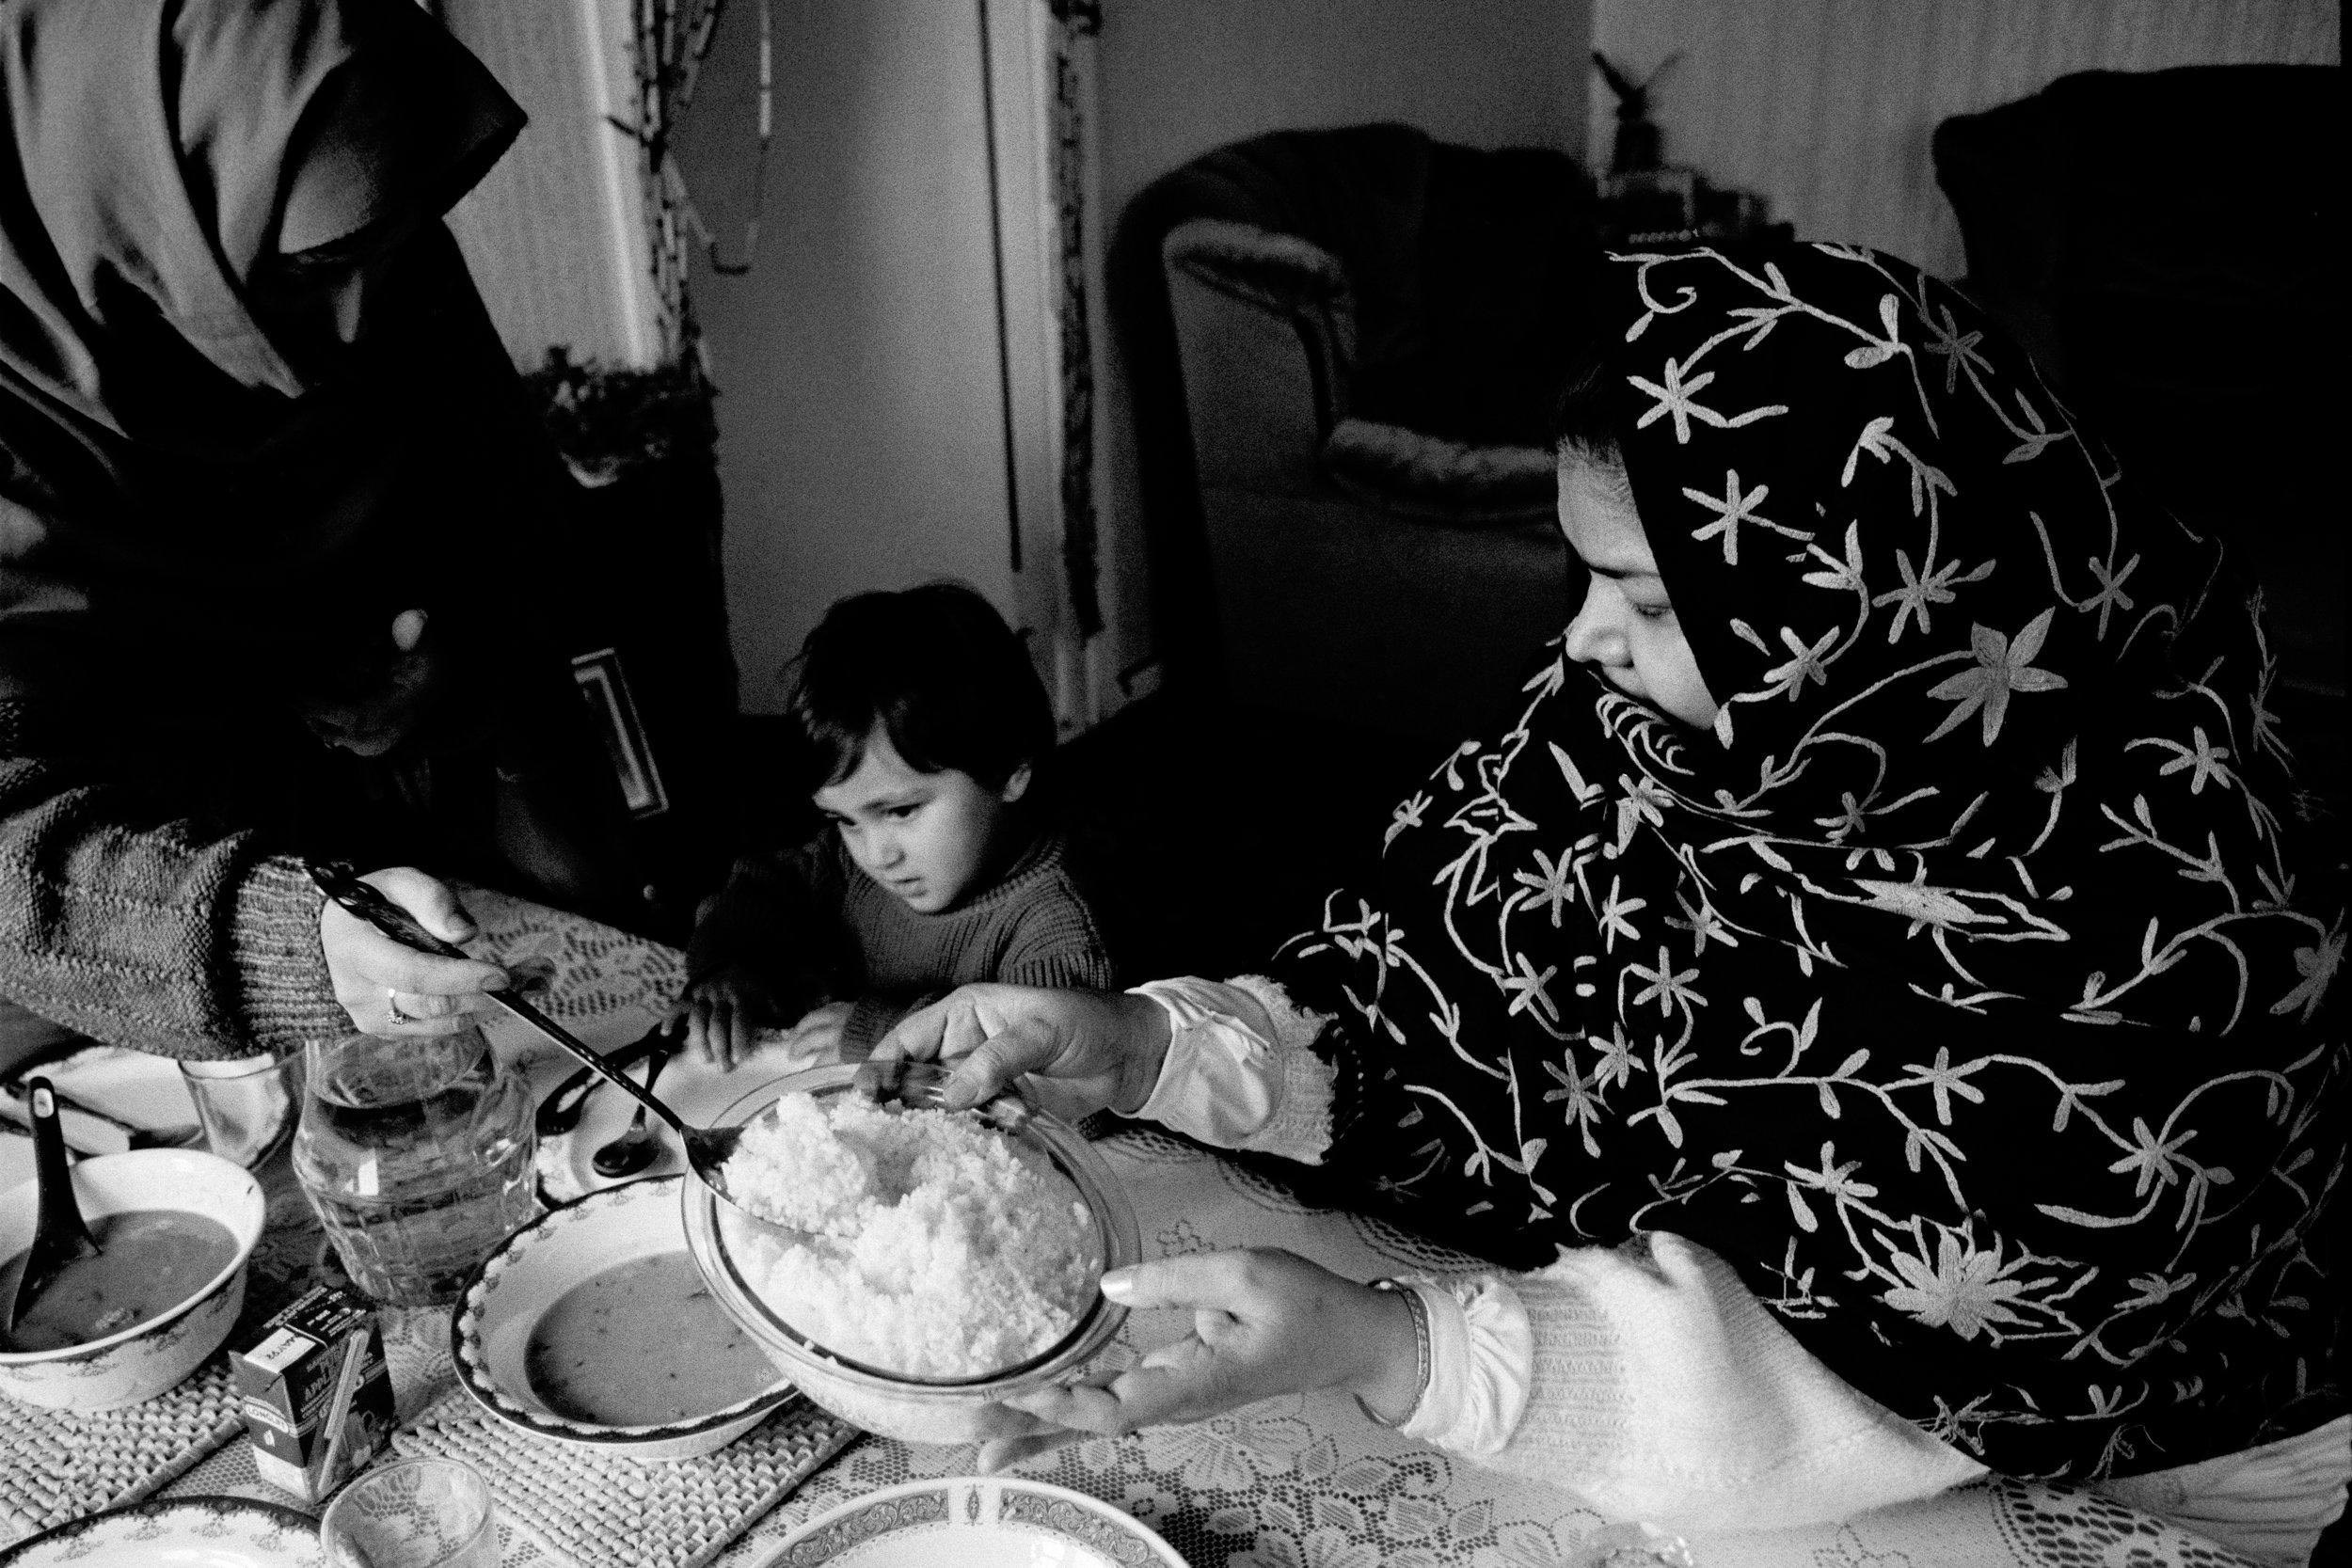 muslims014-c-Edit.jpg